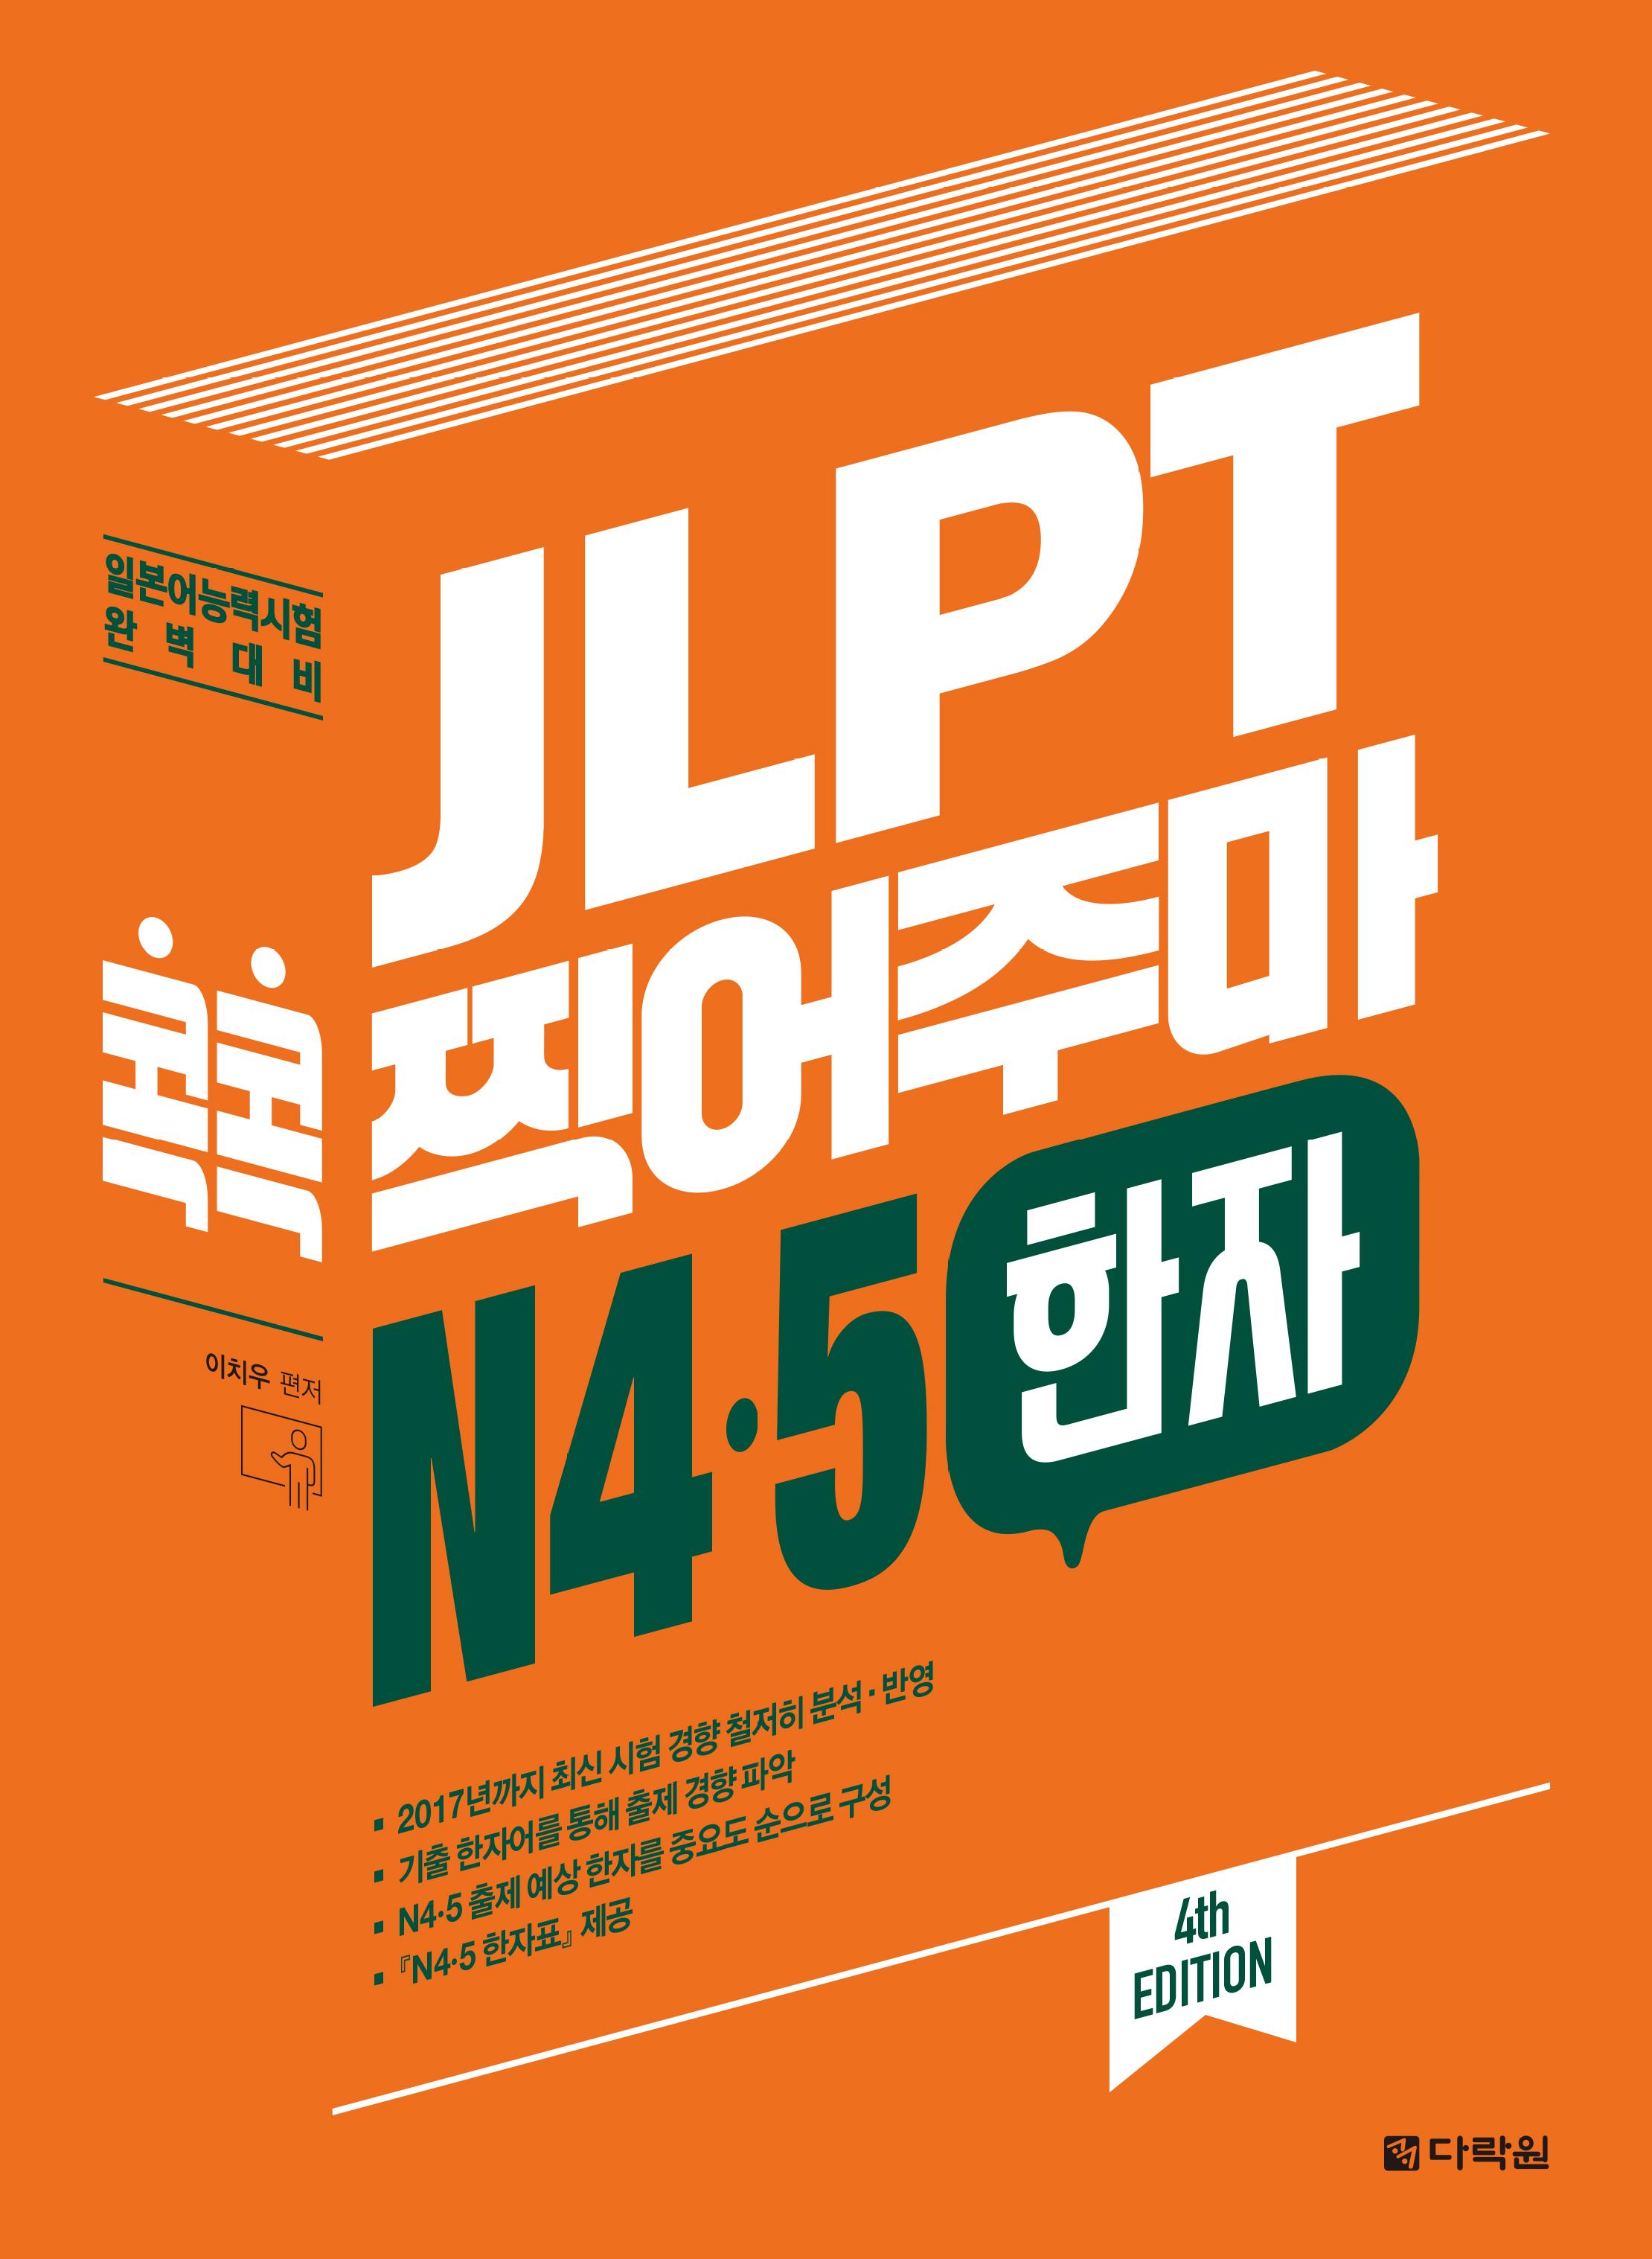 [JLPT 콕콕 찍어주마] (4th EDITION) JLPT 콕콕 찍어주마 N4·5 한자